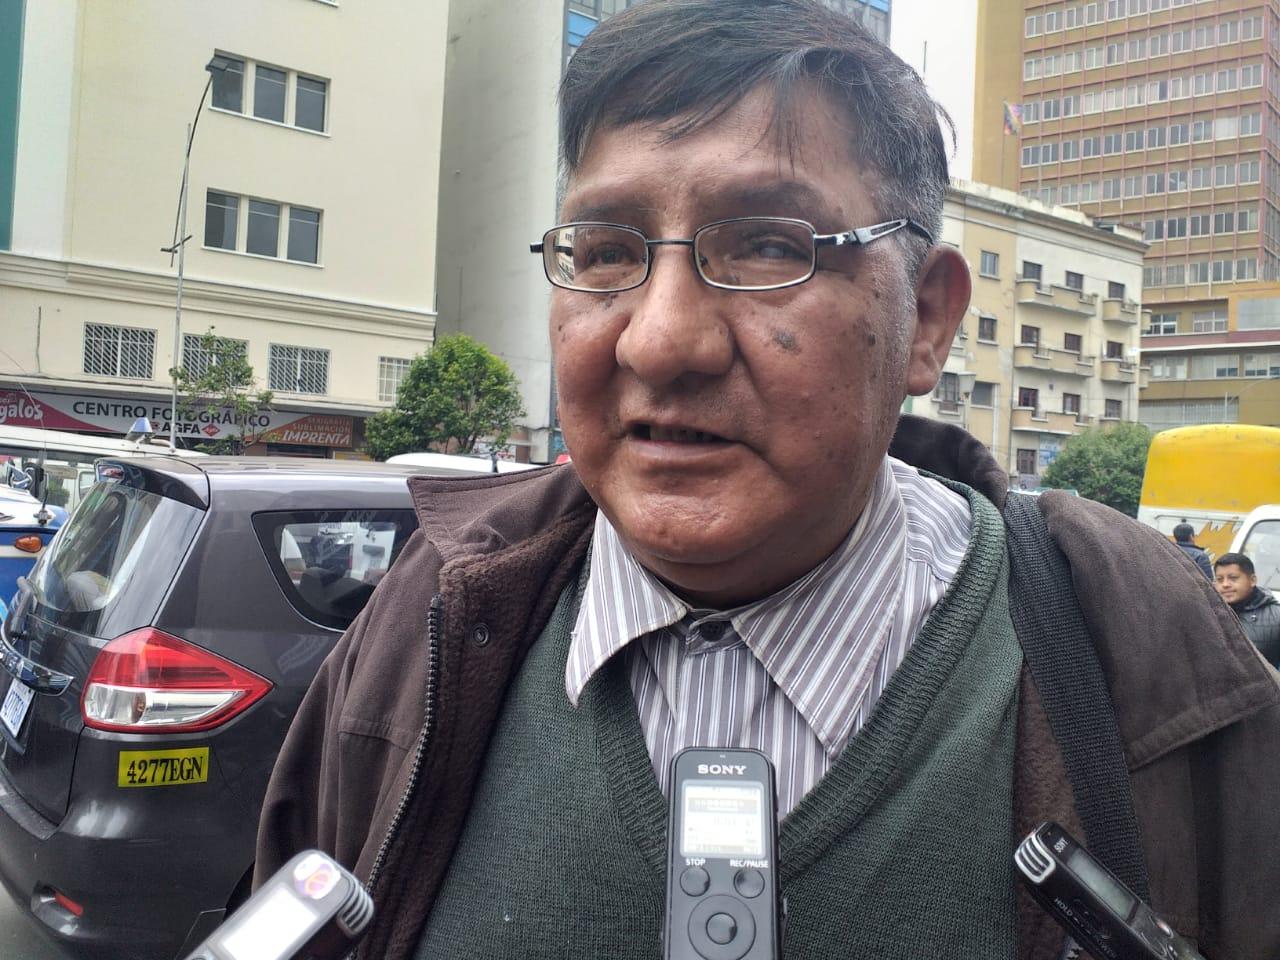 Panificadores piden reemplazar garrafas en mal estado por la proximidad de Todos Santos